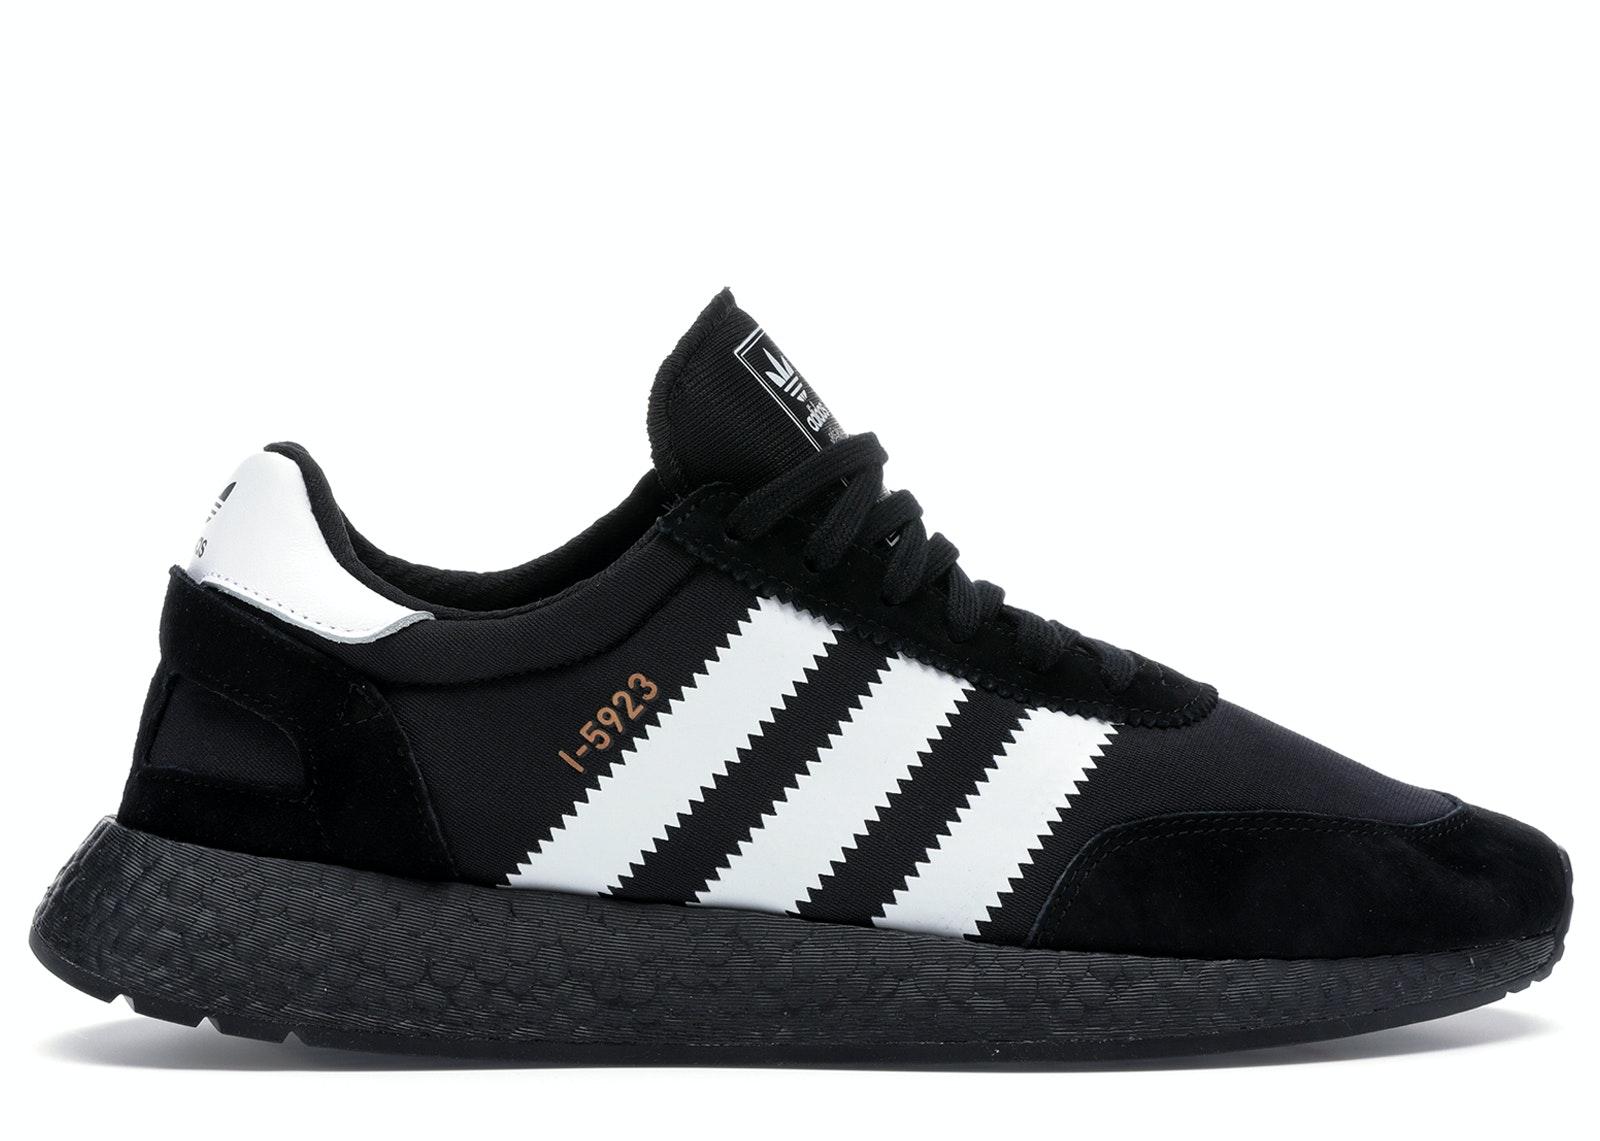 adidas I-5923 Black Boost